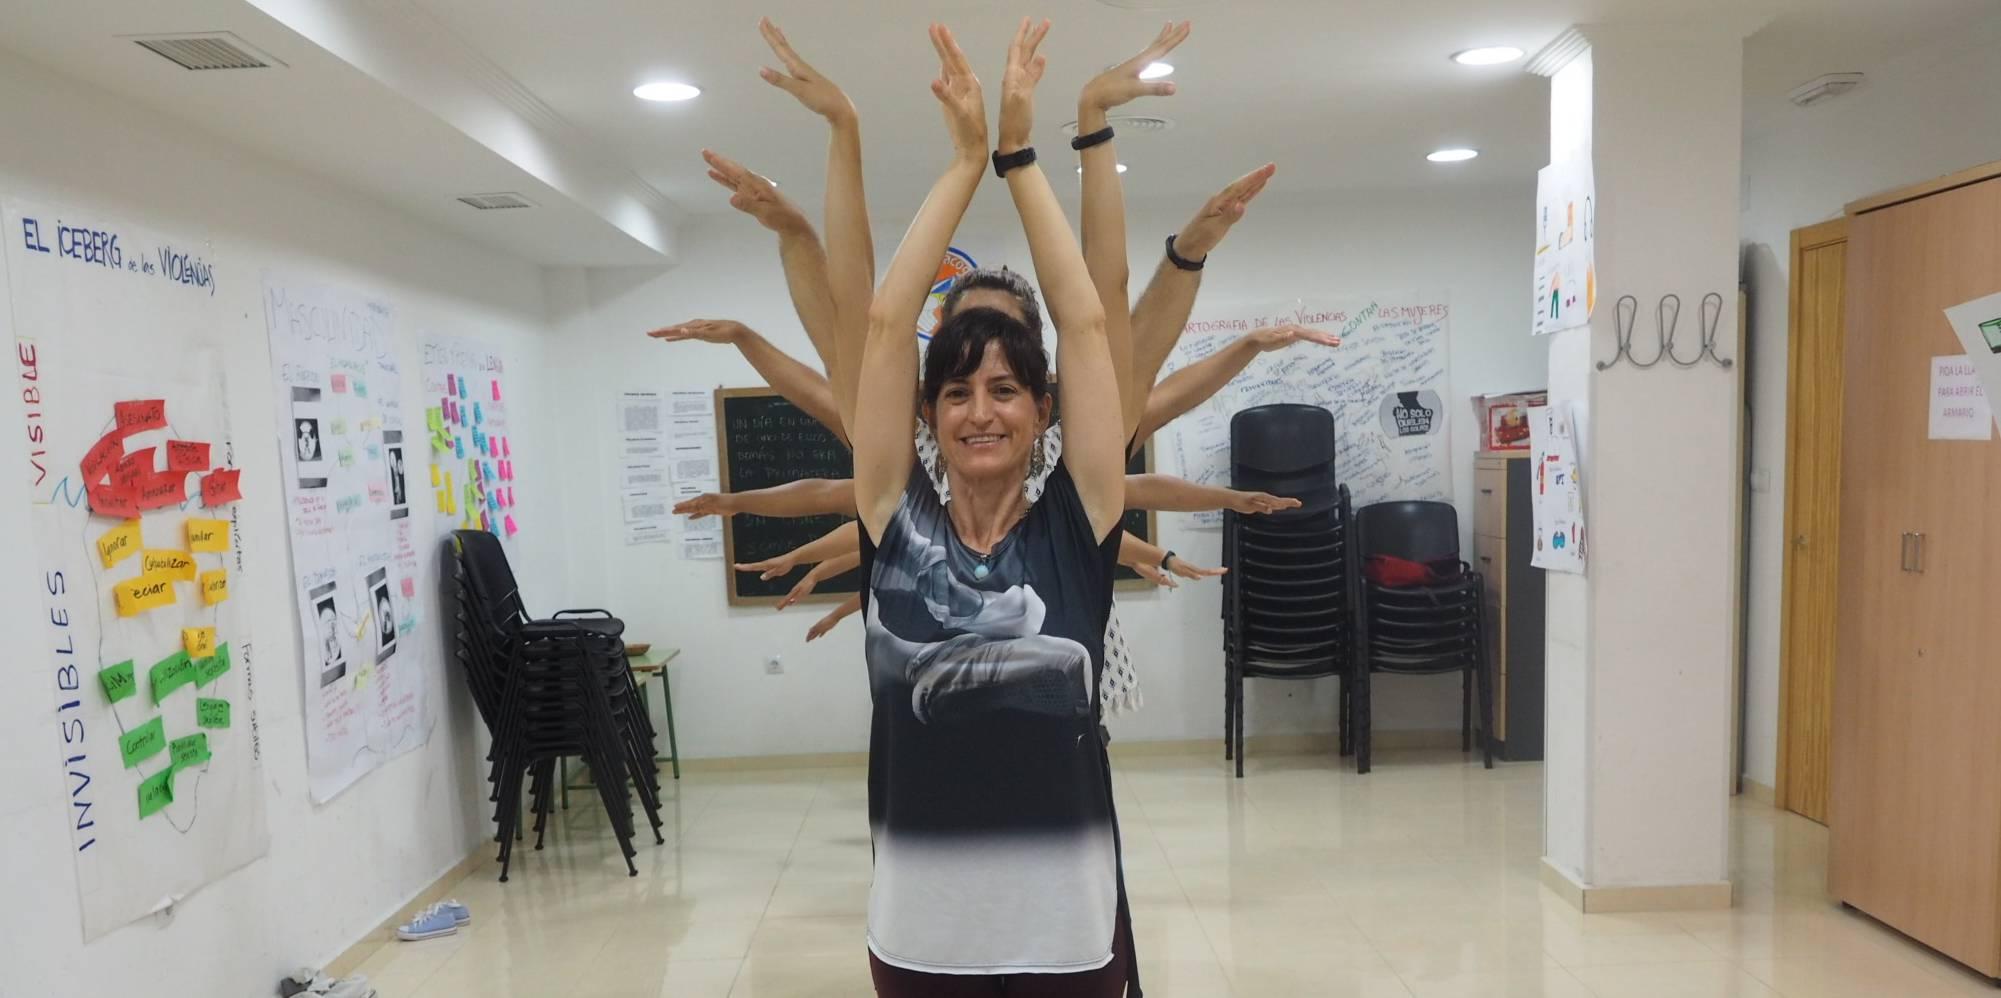 Danza y emoción para nuestras familias refugiadas